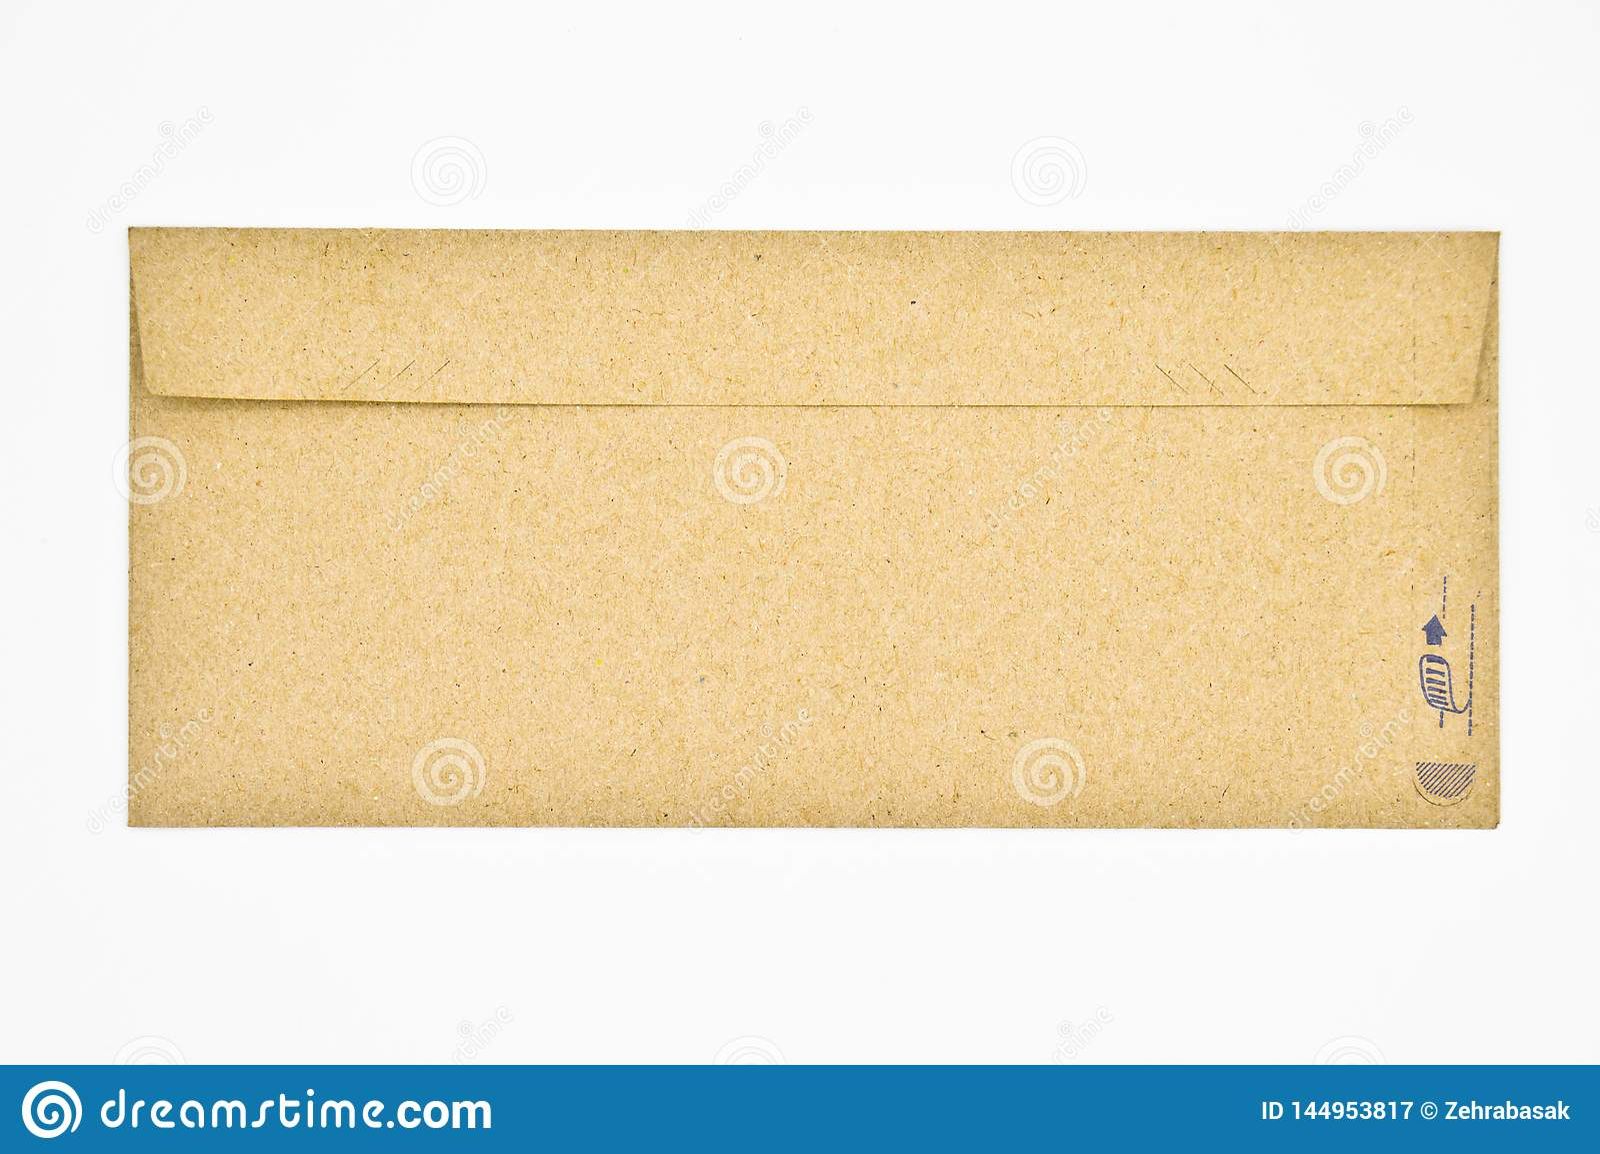 Brown et enveloppes beiges utilis?s pour le correspondance commercial